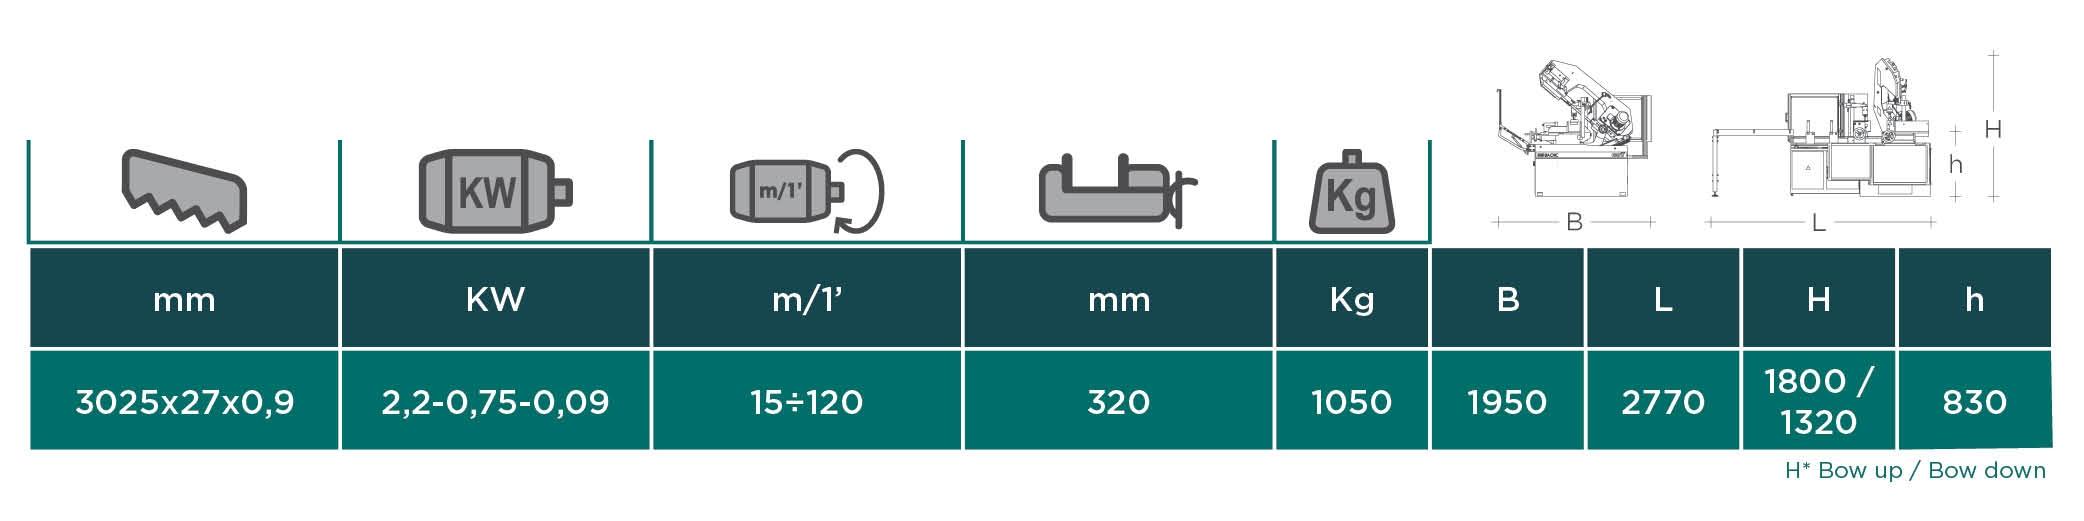 Carif bandsaegen automatische mit vollhydraulischen systemen 320 BA CNC